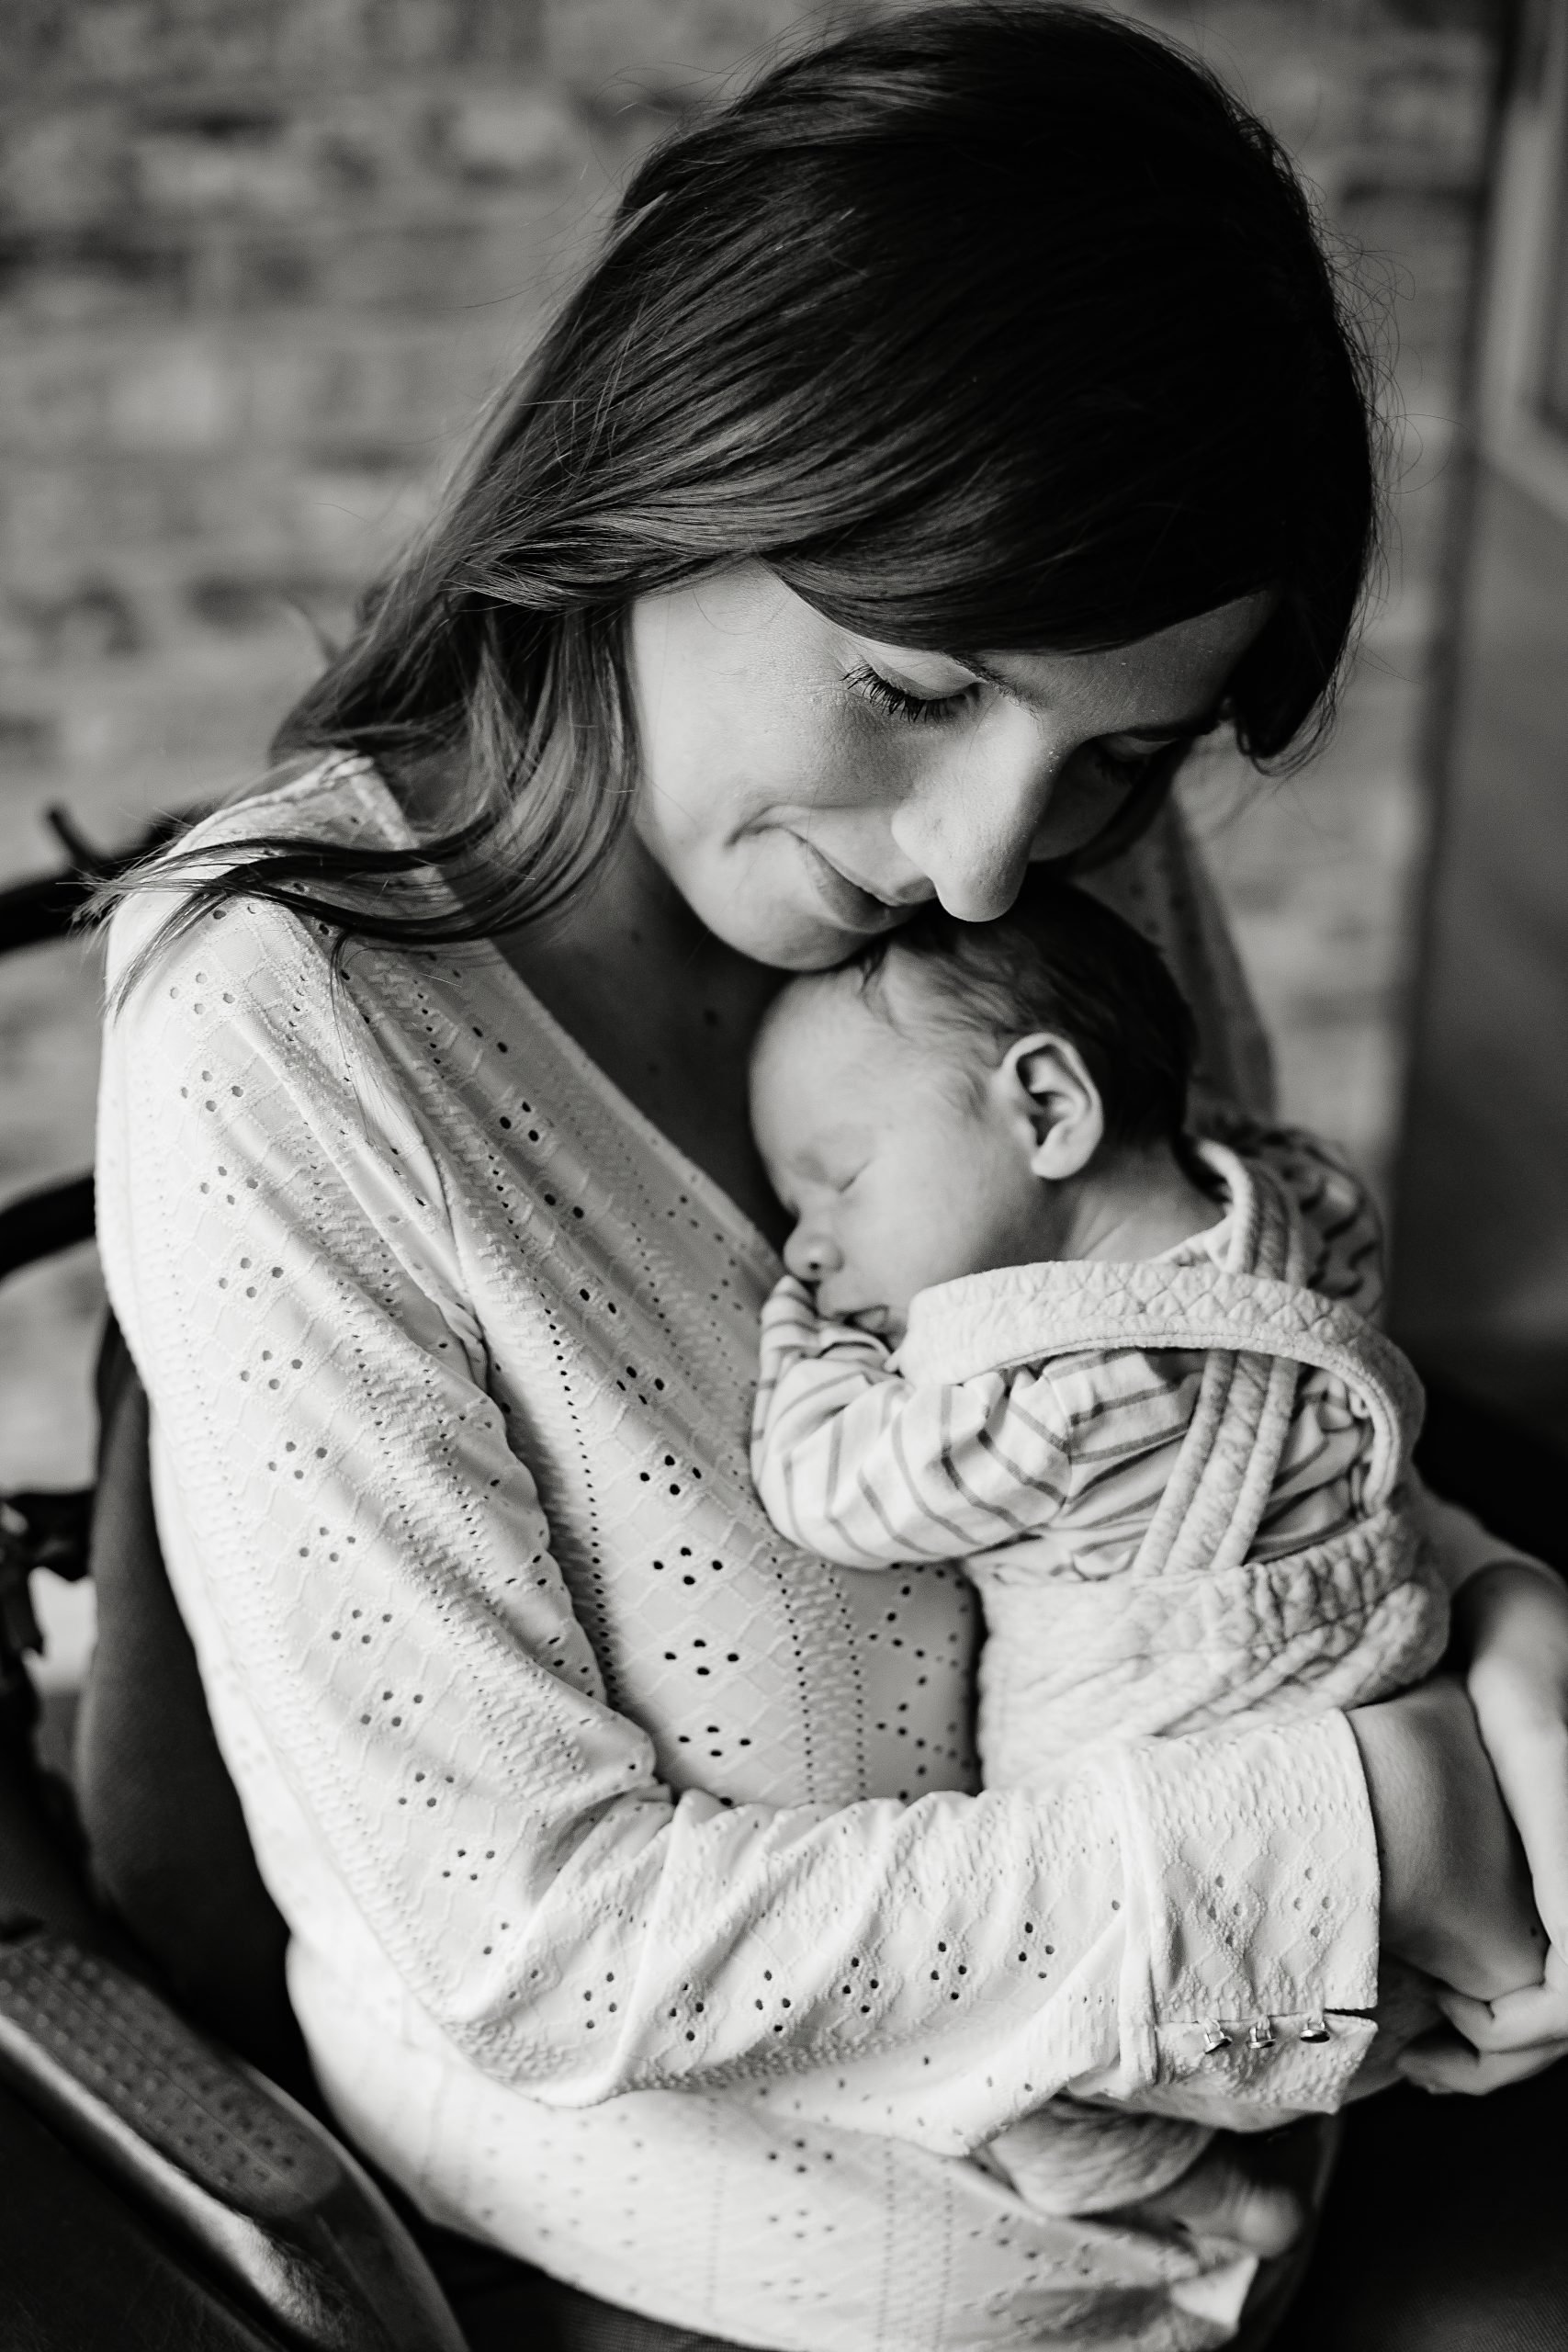 Virginie M. Photos-séance à domicile-bébé-naissance-lifestyle-amour-famille-photographe Lille-Nord-Lille-photos-nouveau né (17)